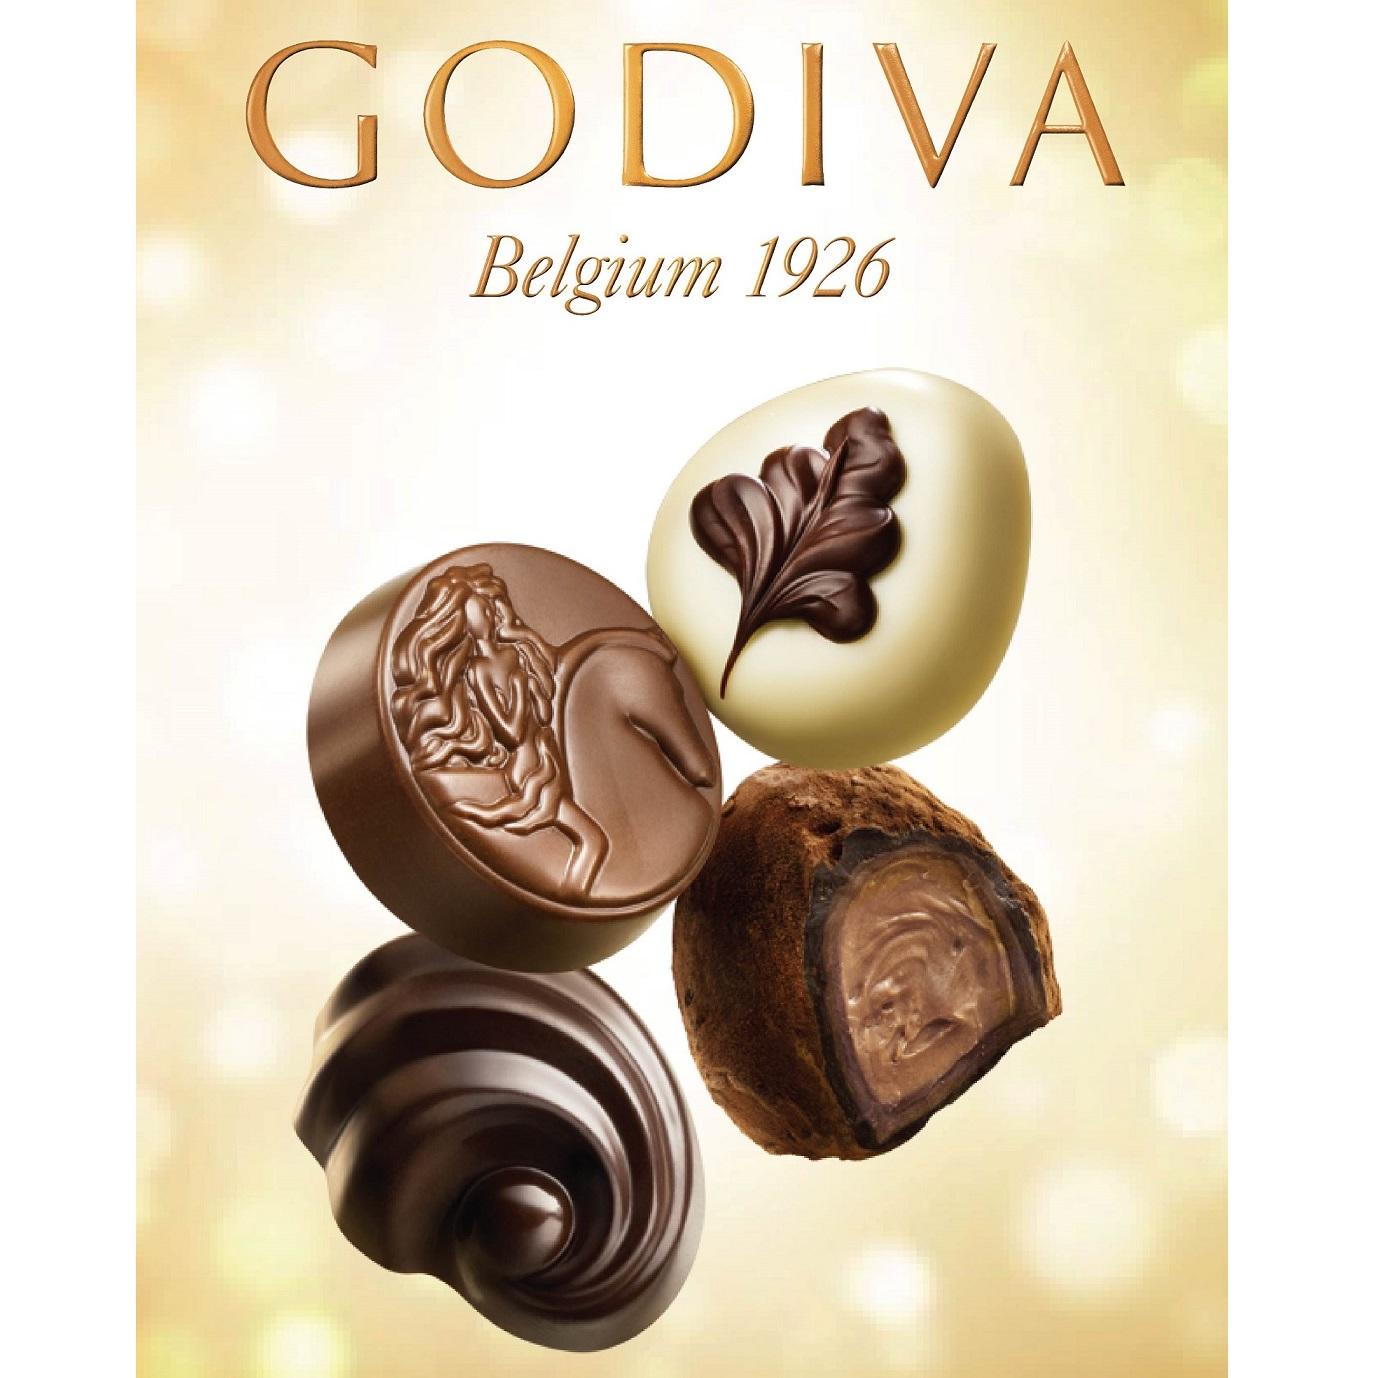 不止是块巧克力 Godiva巧克力